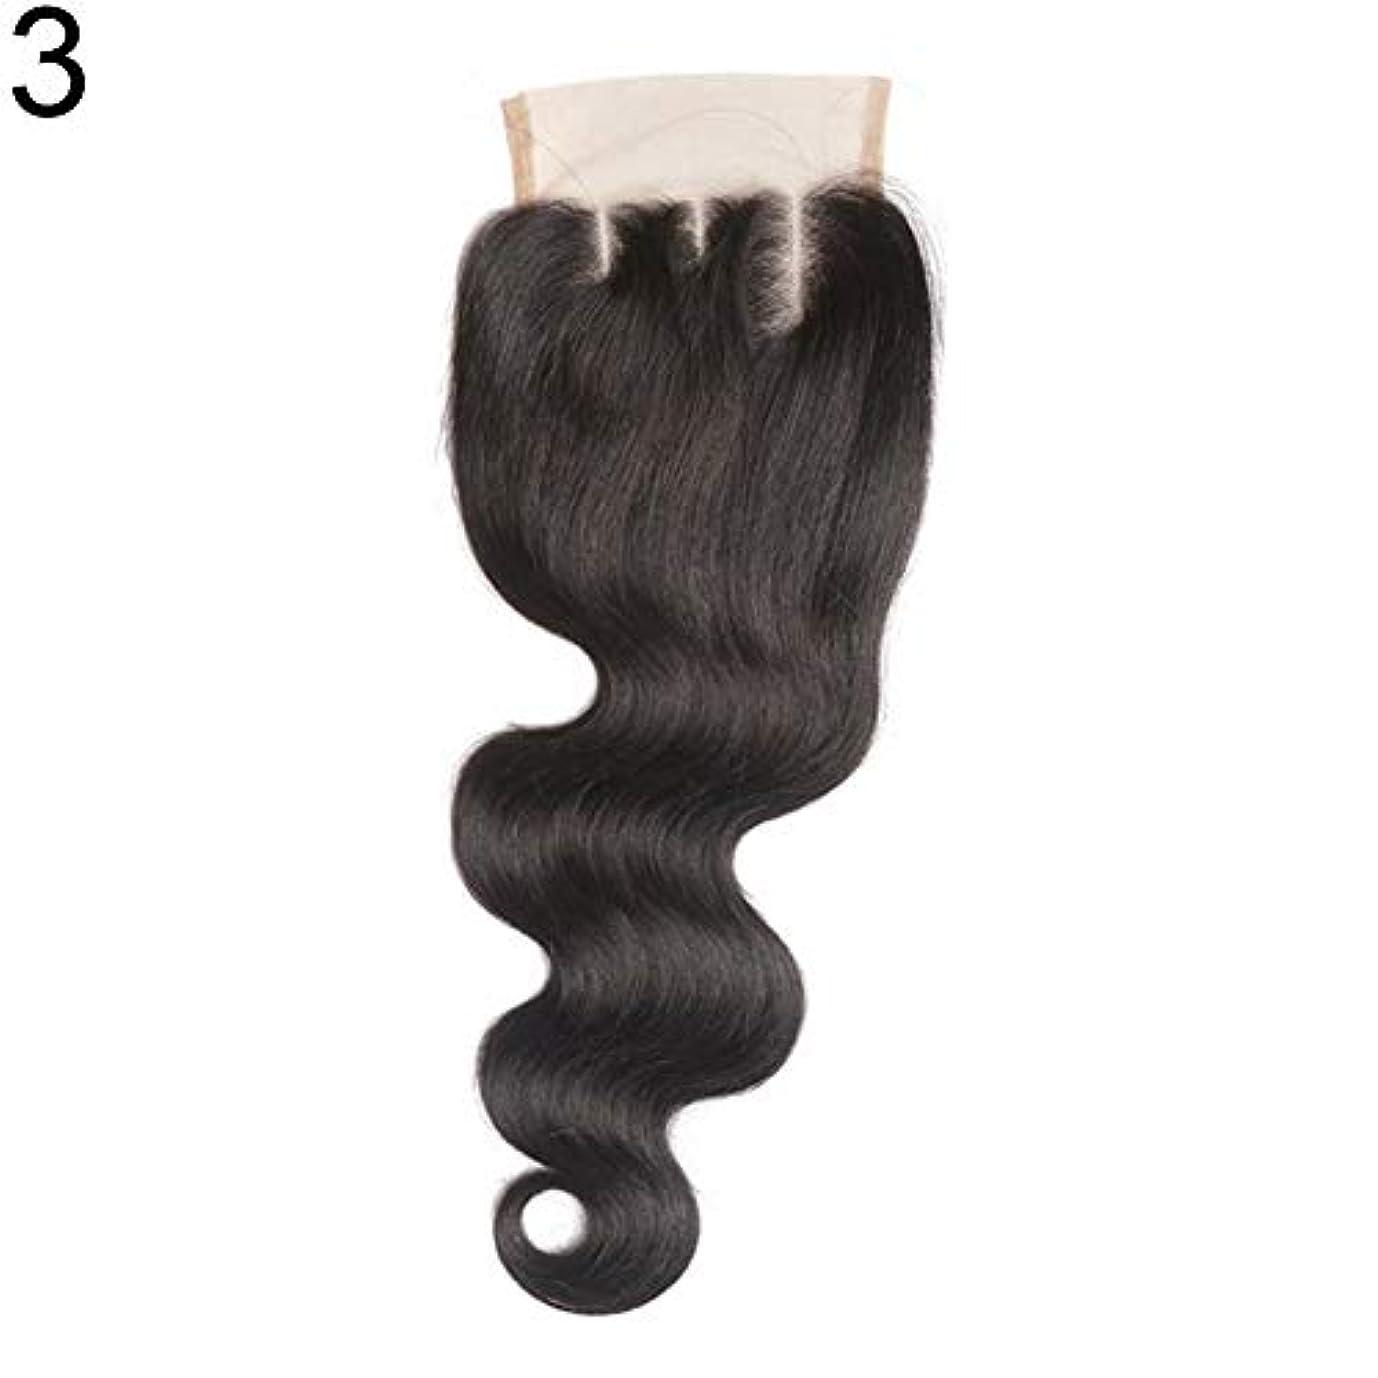 異常な牛肉悲しいslQinjiansav女性ウィッグ修理ツールブラジルのミドル/フリー/3部人間の髪のレース閉鎖ウィッグ黒ヘアピース